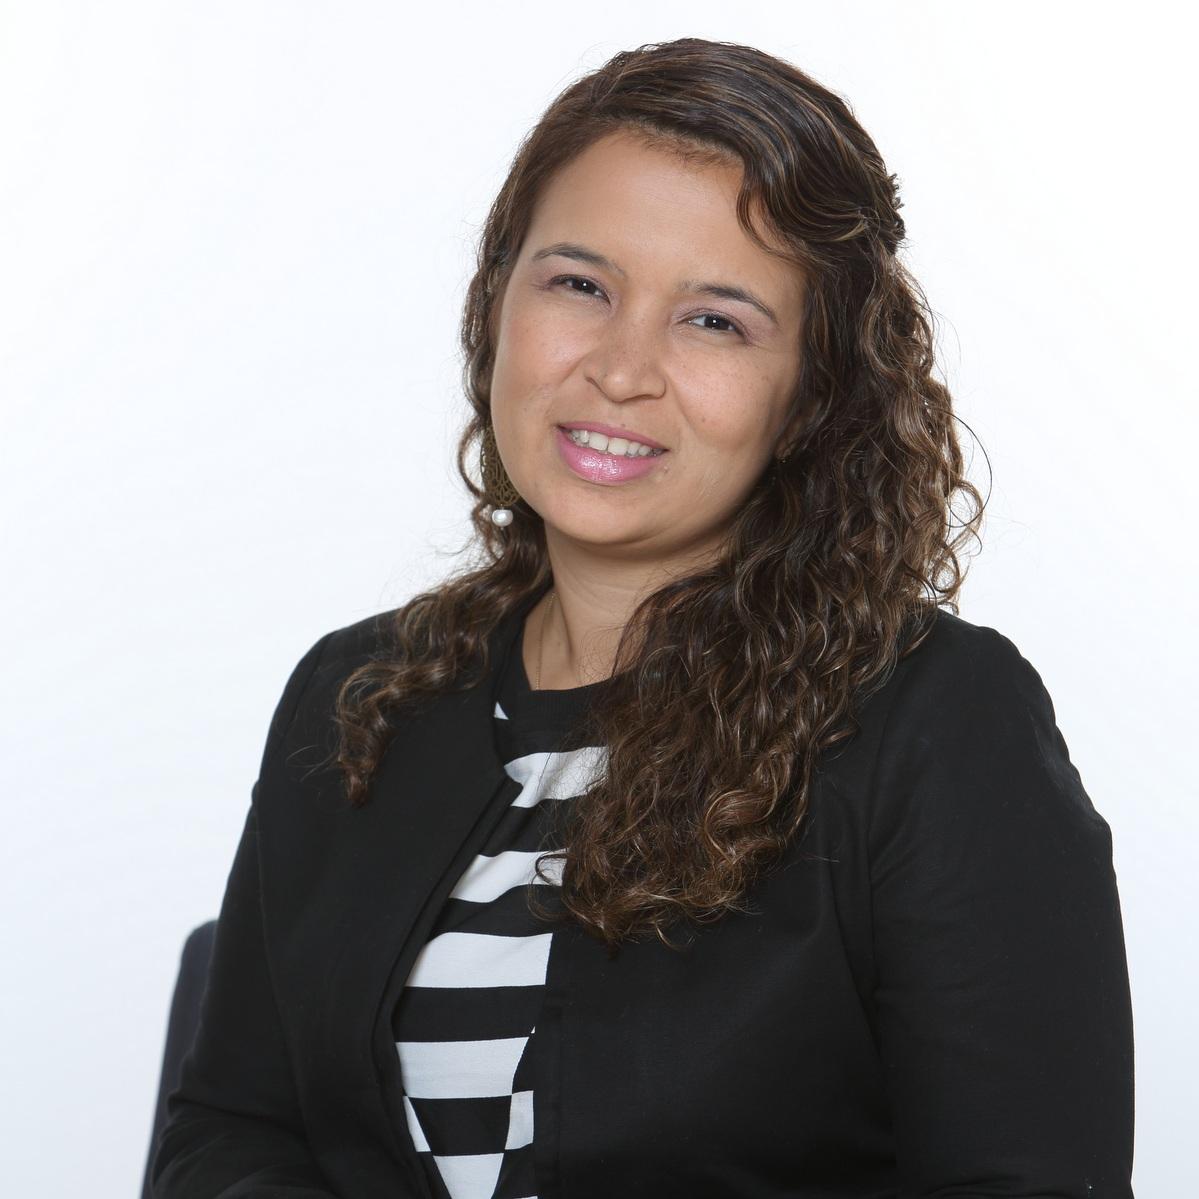 Clarisse Rocha